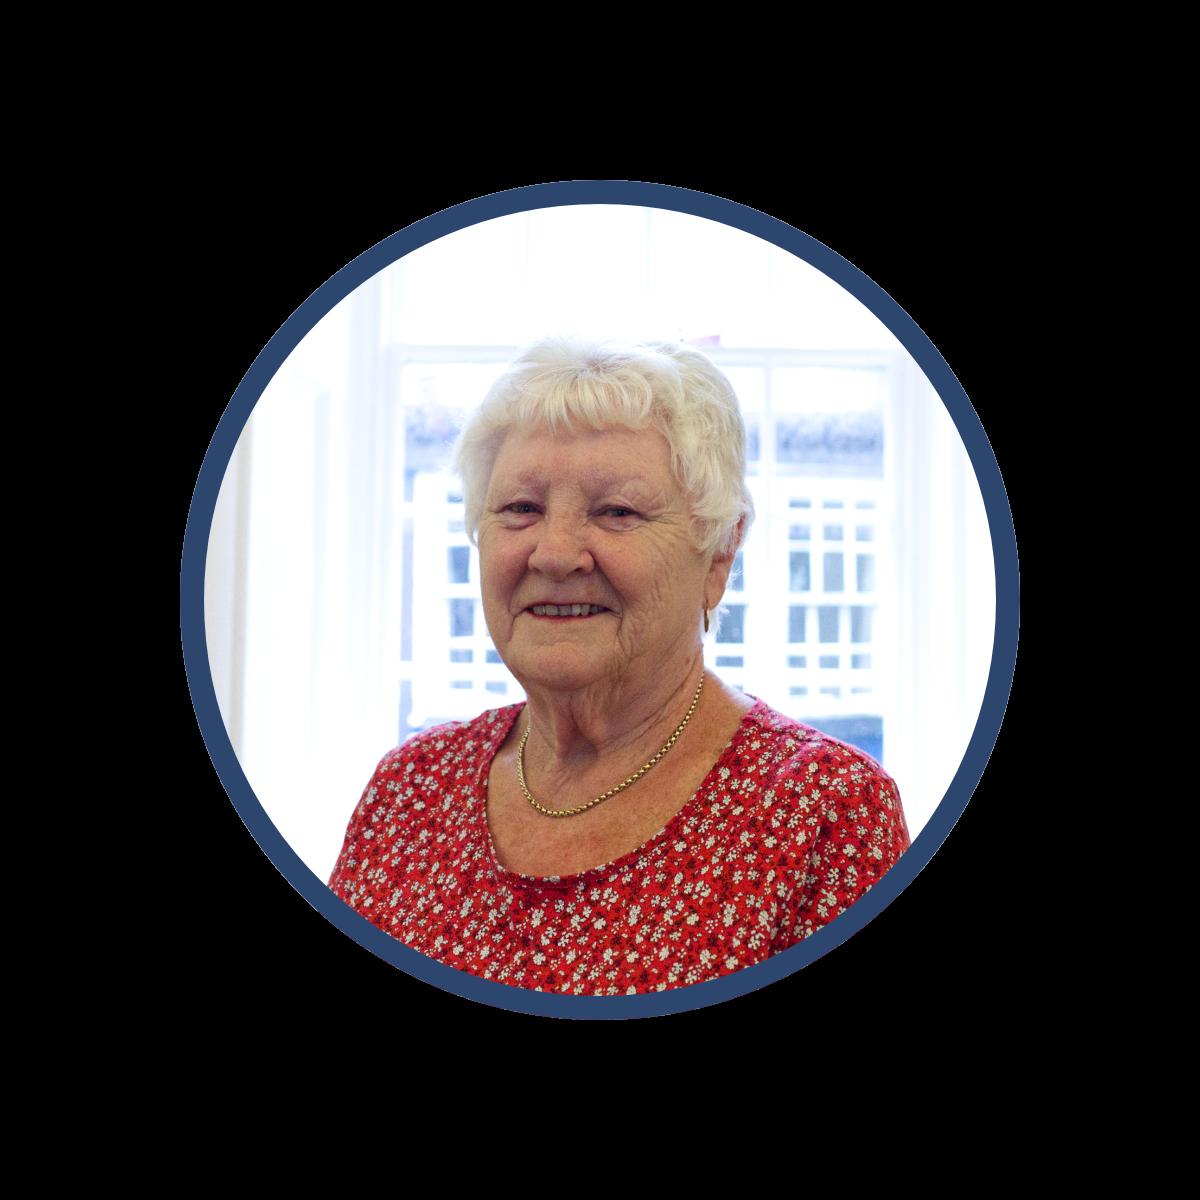 Portrait photo of Councillor Julie Tucker